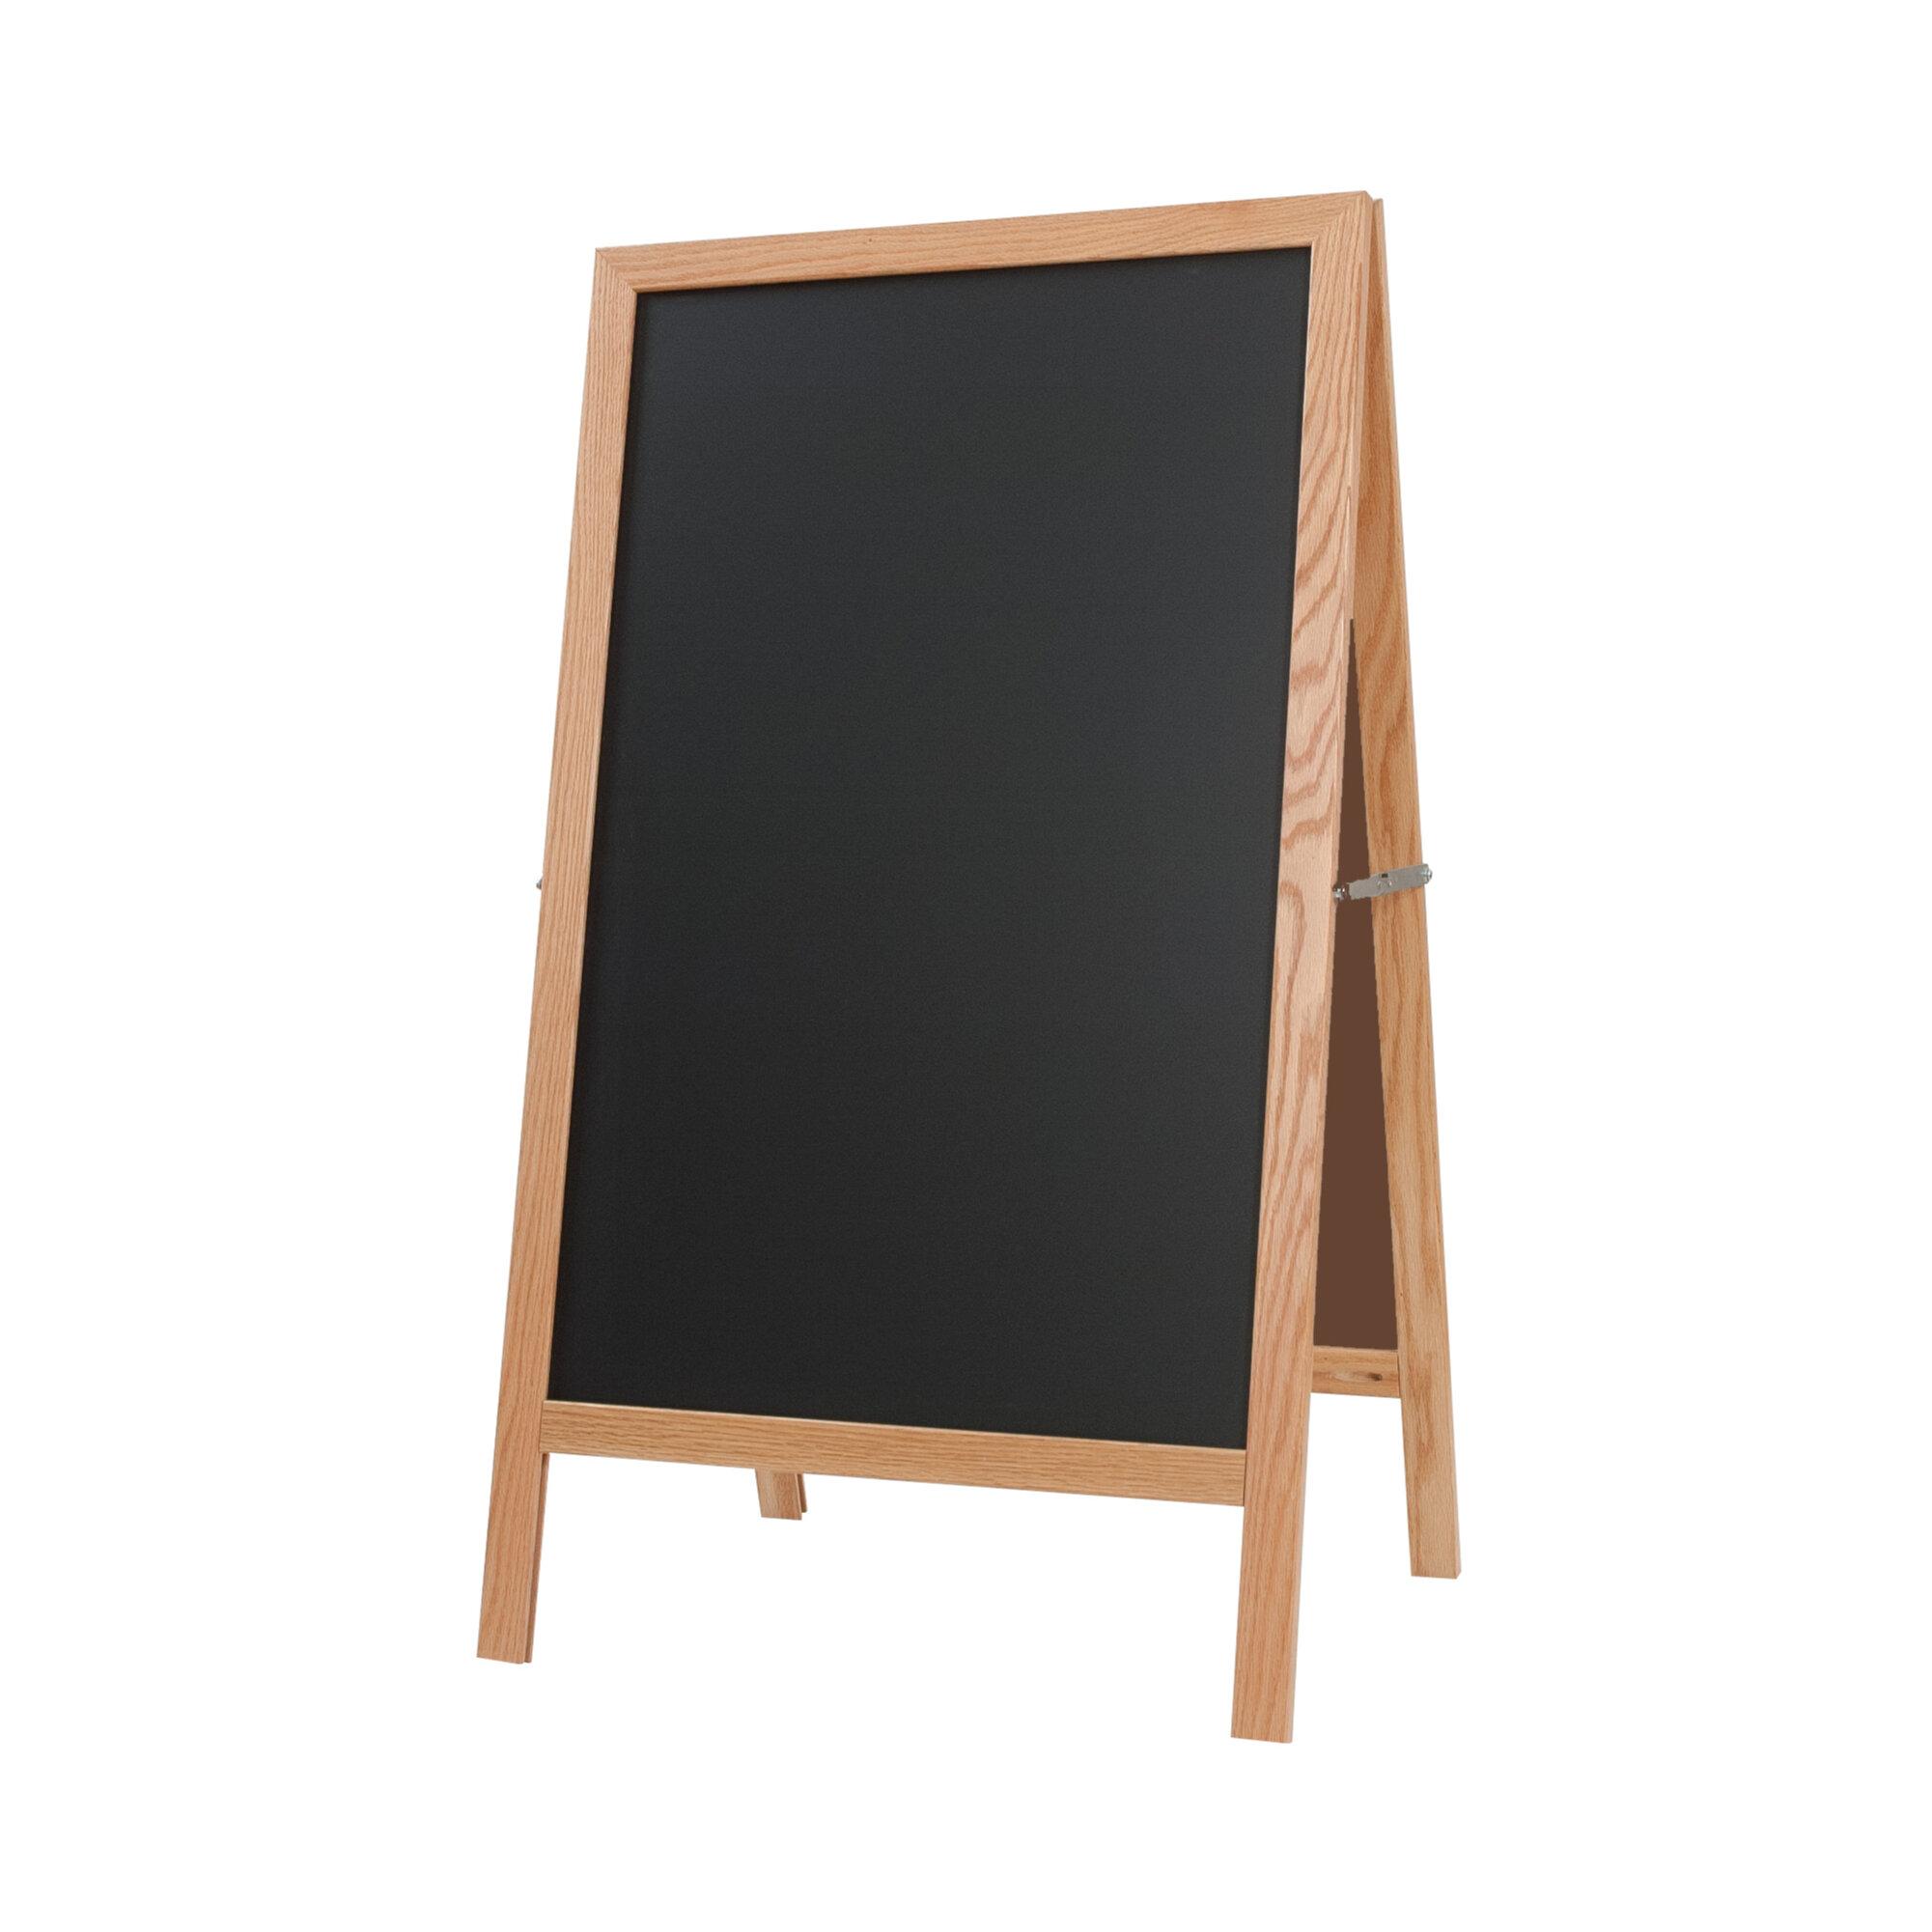 Symple Stuff Free Standing Chalkboard Wayfair